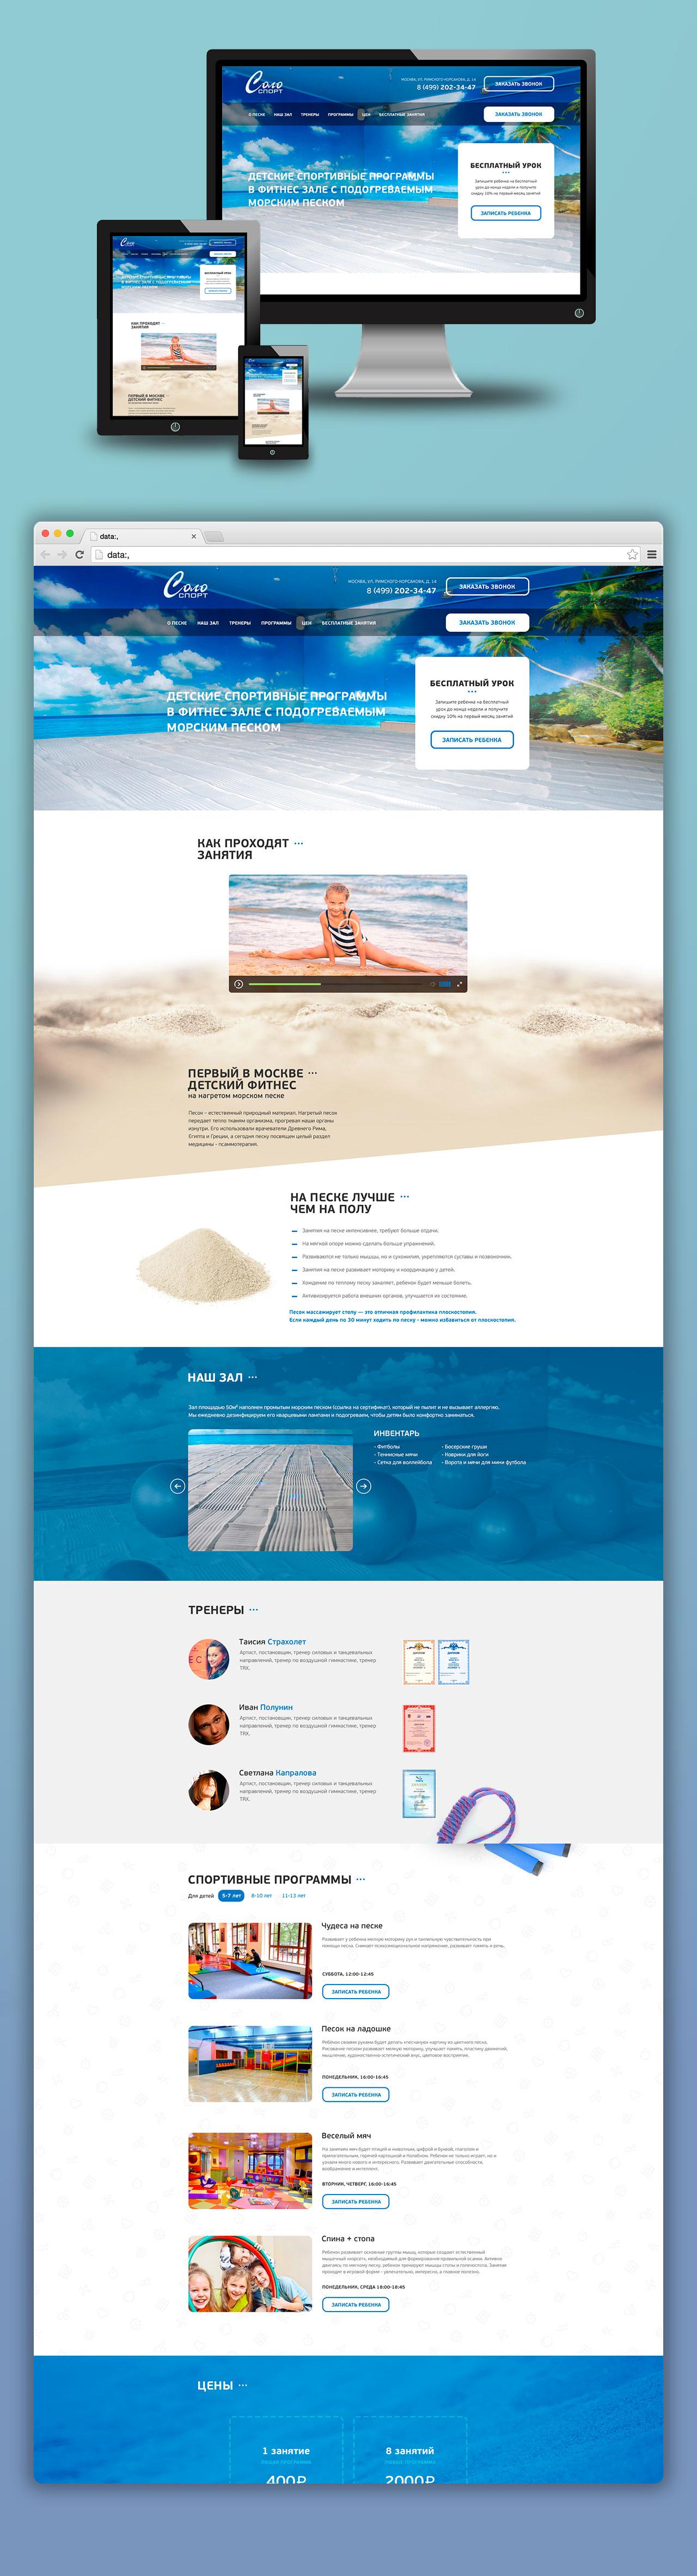 Дизайн Landing Page для фитнесс-клуба Соло Спорт